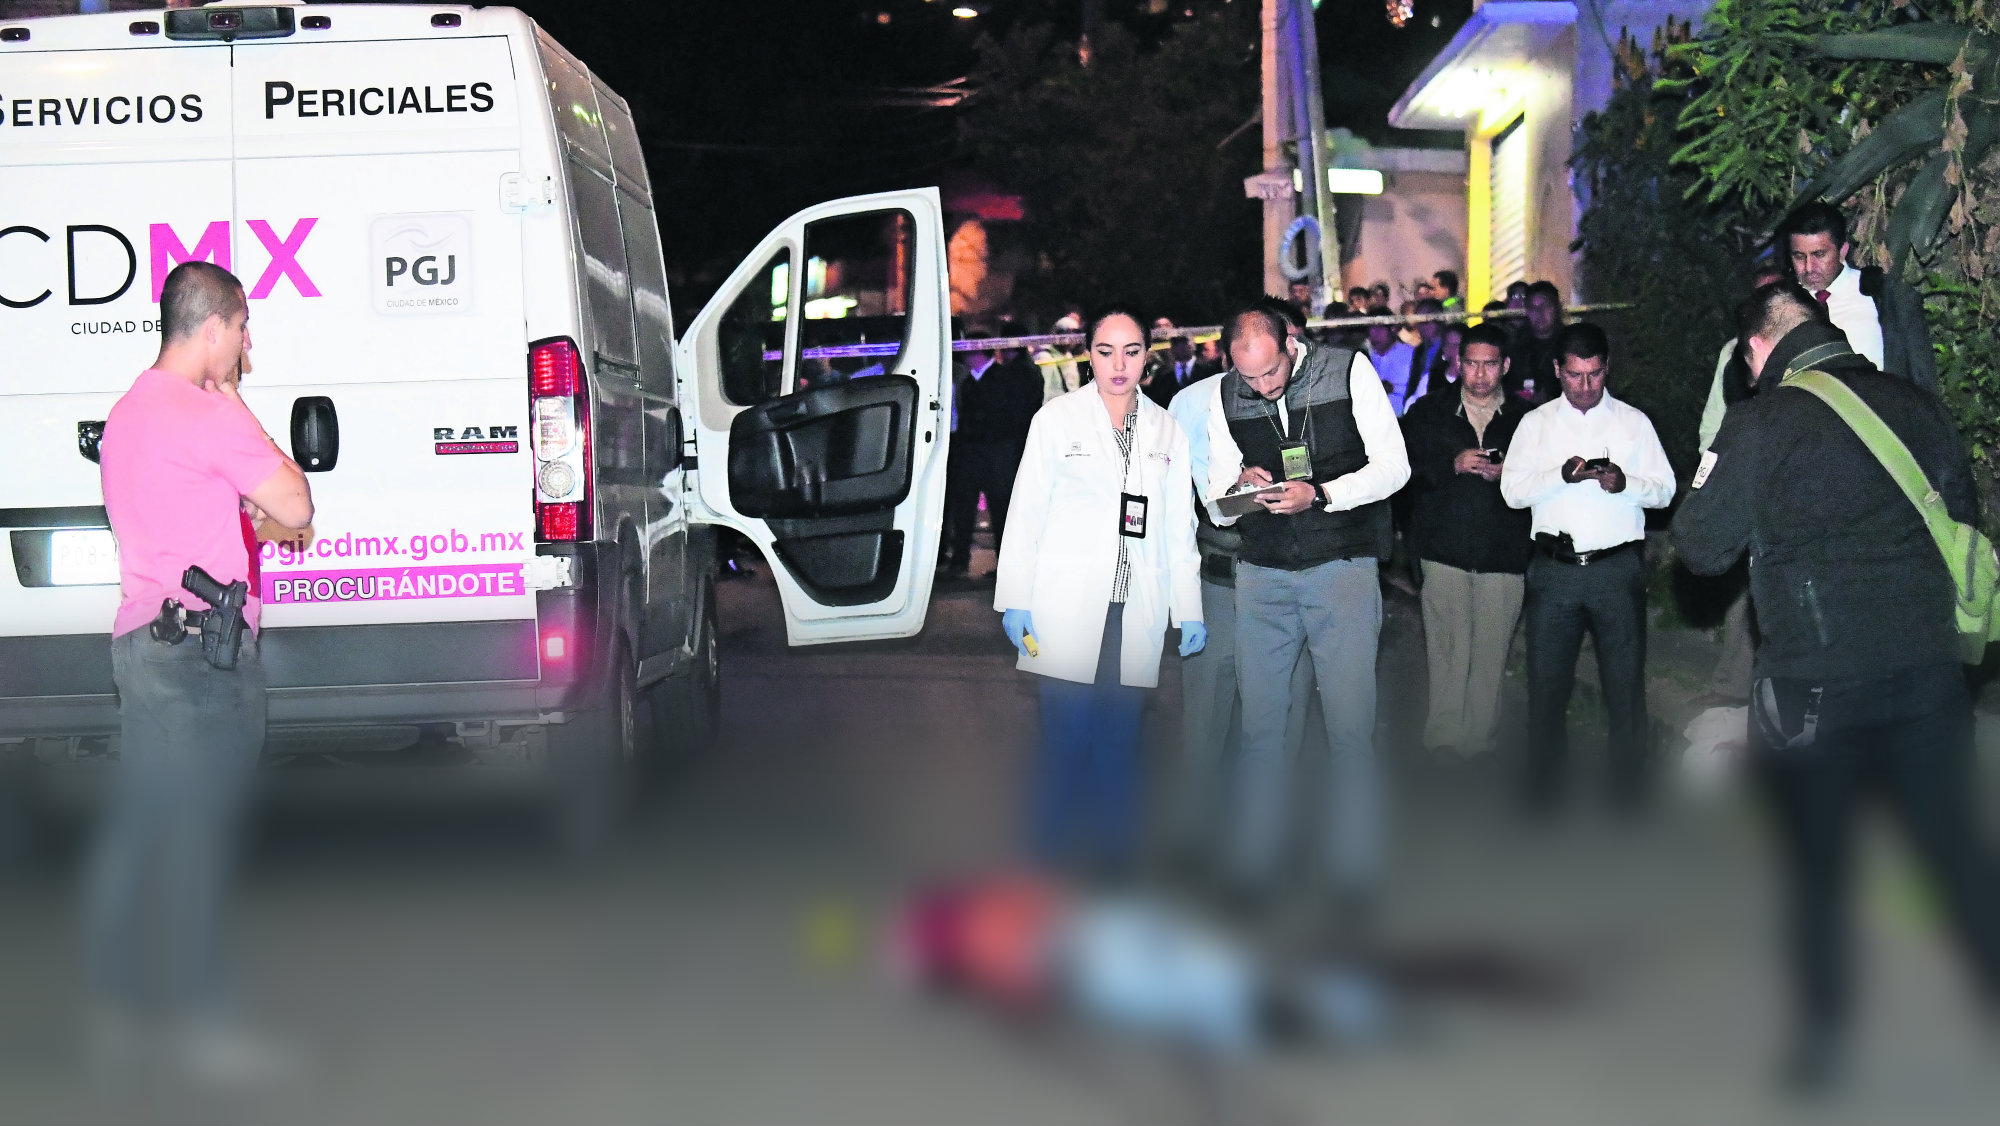 Presunto delincuente pierde vida tiroteo policías Iztapalapa